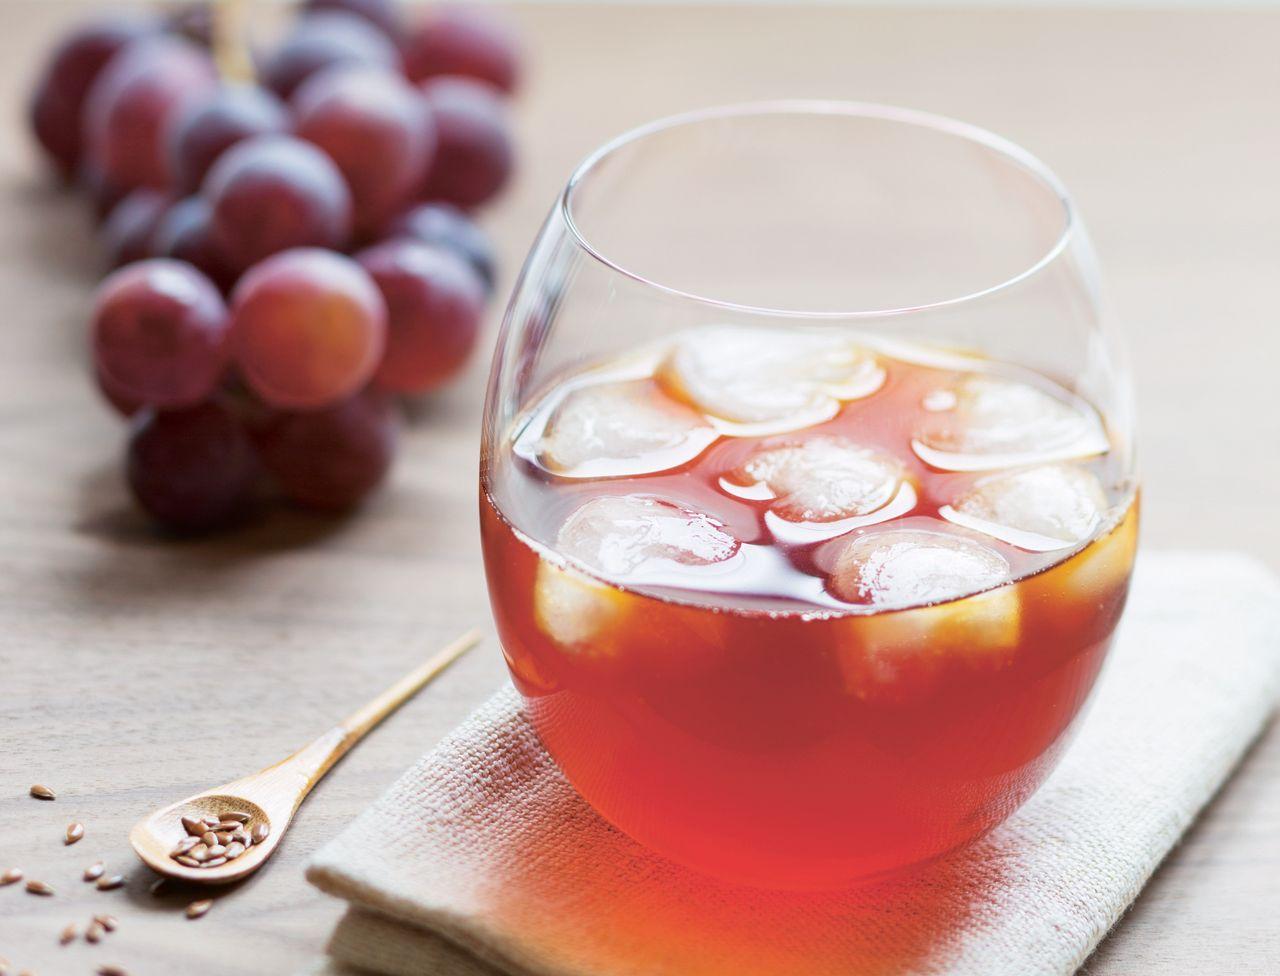 Le rooibos, un thé rouge d'Afrique du Sud connu pour ses vertus sur le sommeil, est associé ici au jus de raisin et aux graines de lin qui favorisent un bon transit et une bonne digestion, indispensables pour passer une bonne nuit !